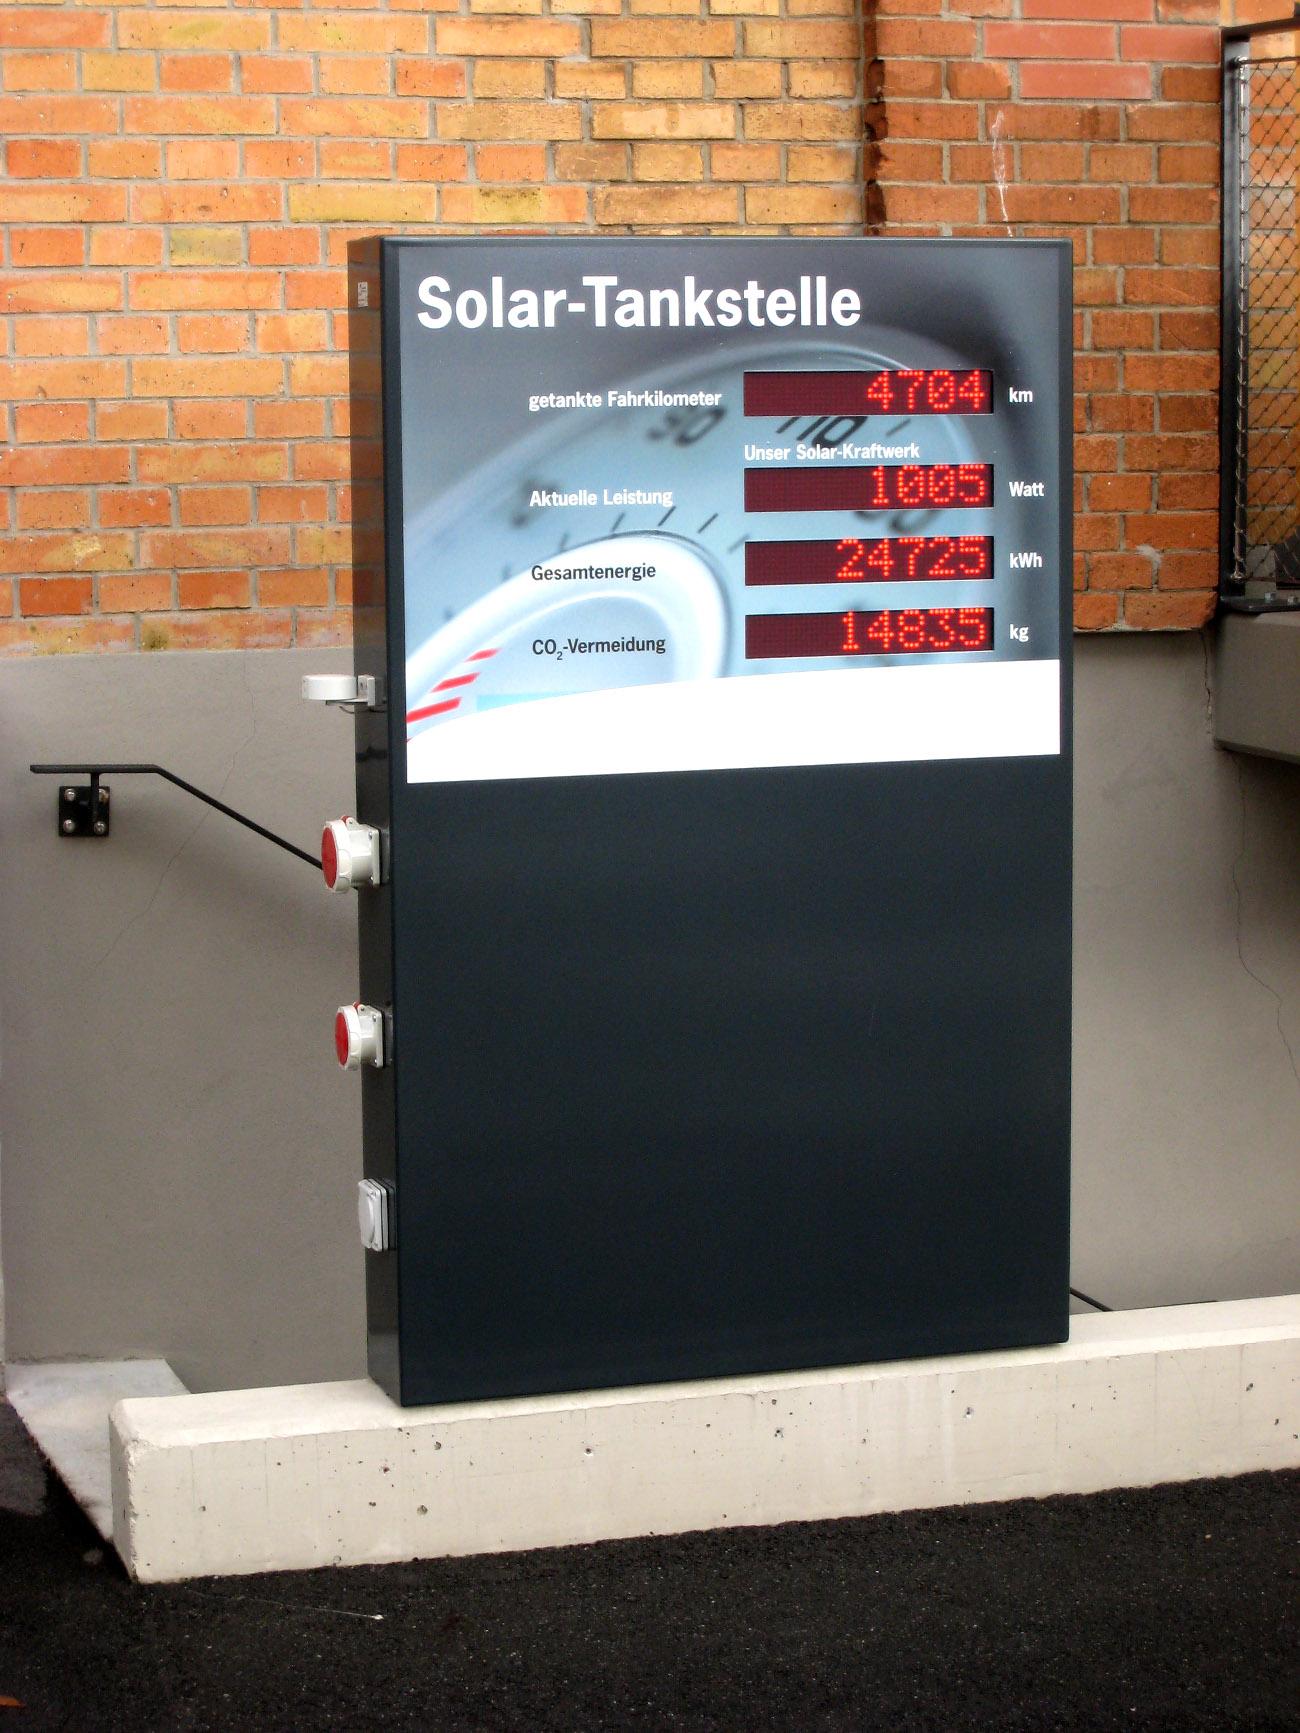 LED-Anzeige Solar-Tankstelle, Zeichenhöhe 60 mm, Outdoor-Stele